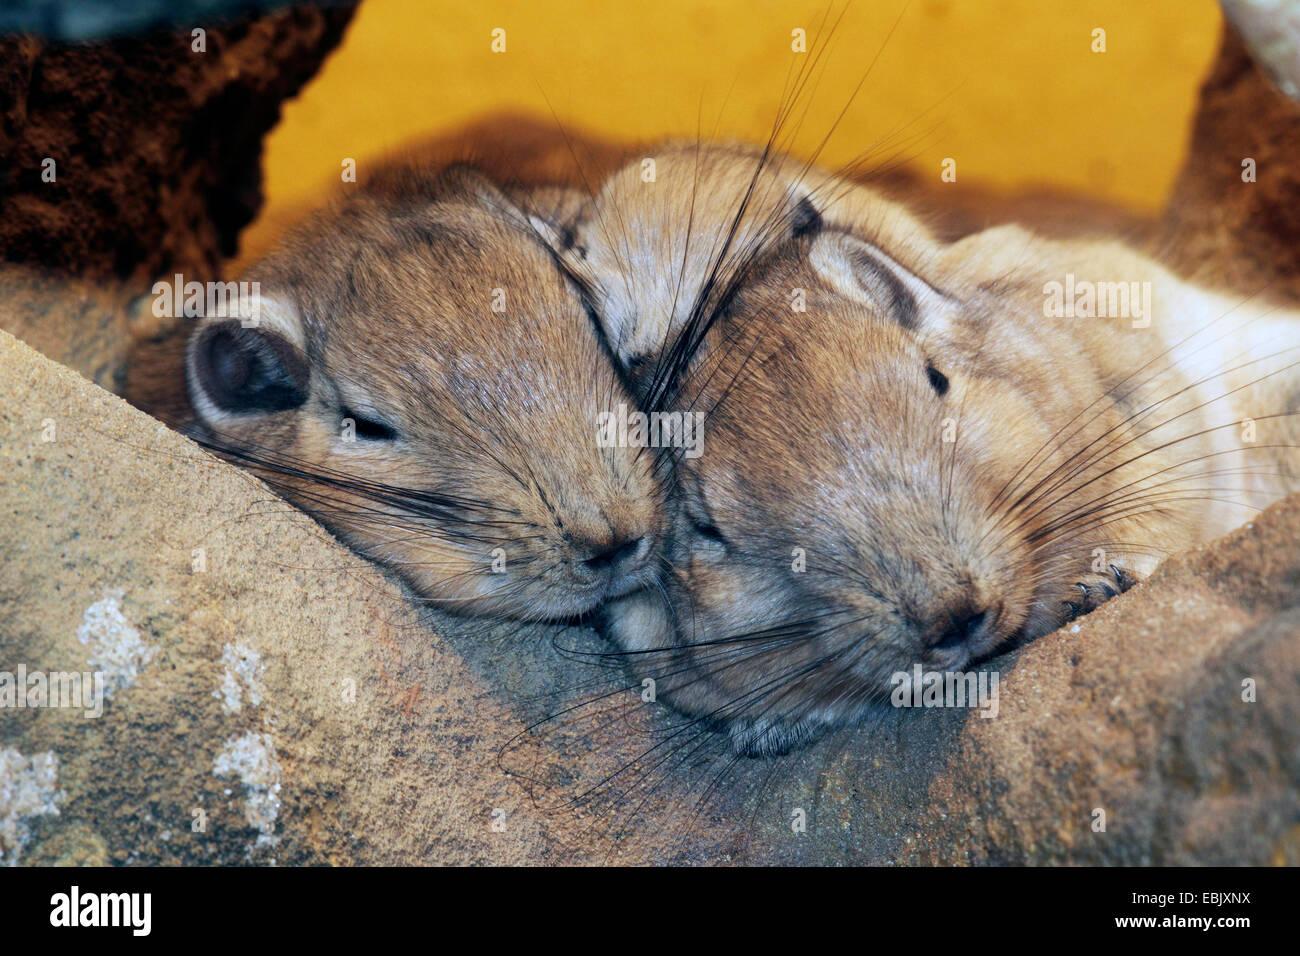 gundi (Ctenodactylus gundi), two gundis sleeping on a rock - Stock Image